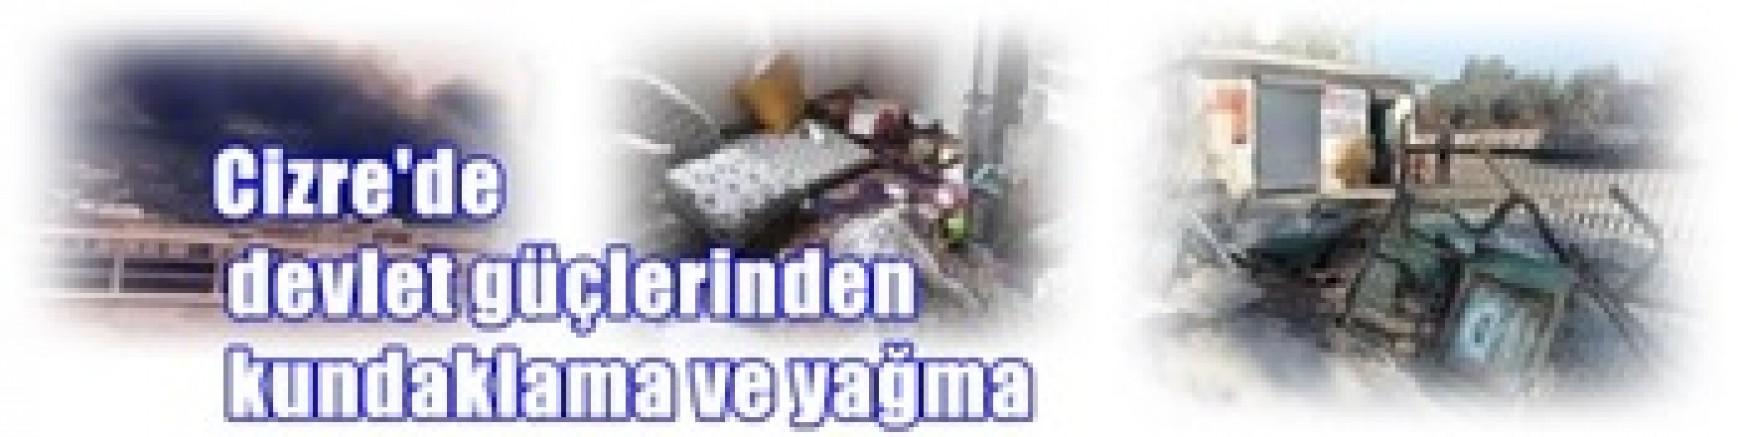 Cizre'de devlet güçlerinden kundaklama ve yağma